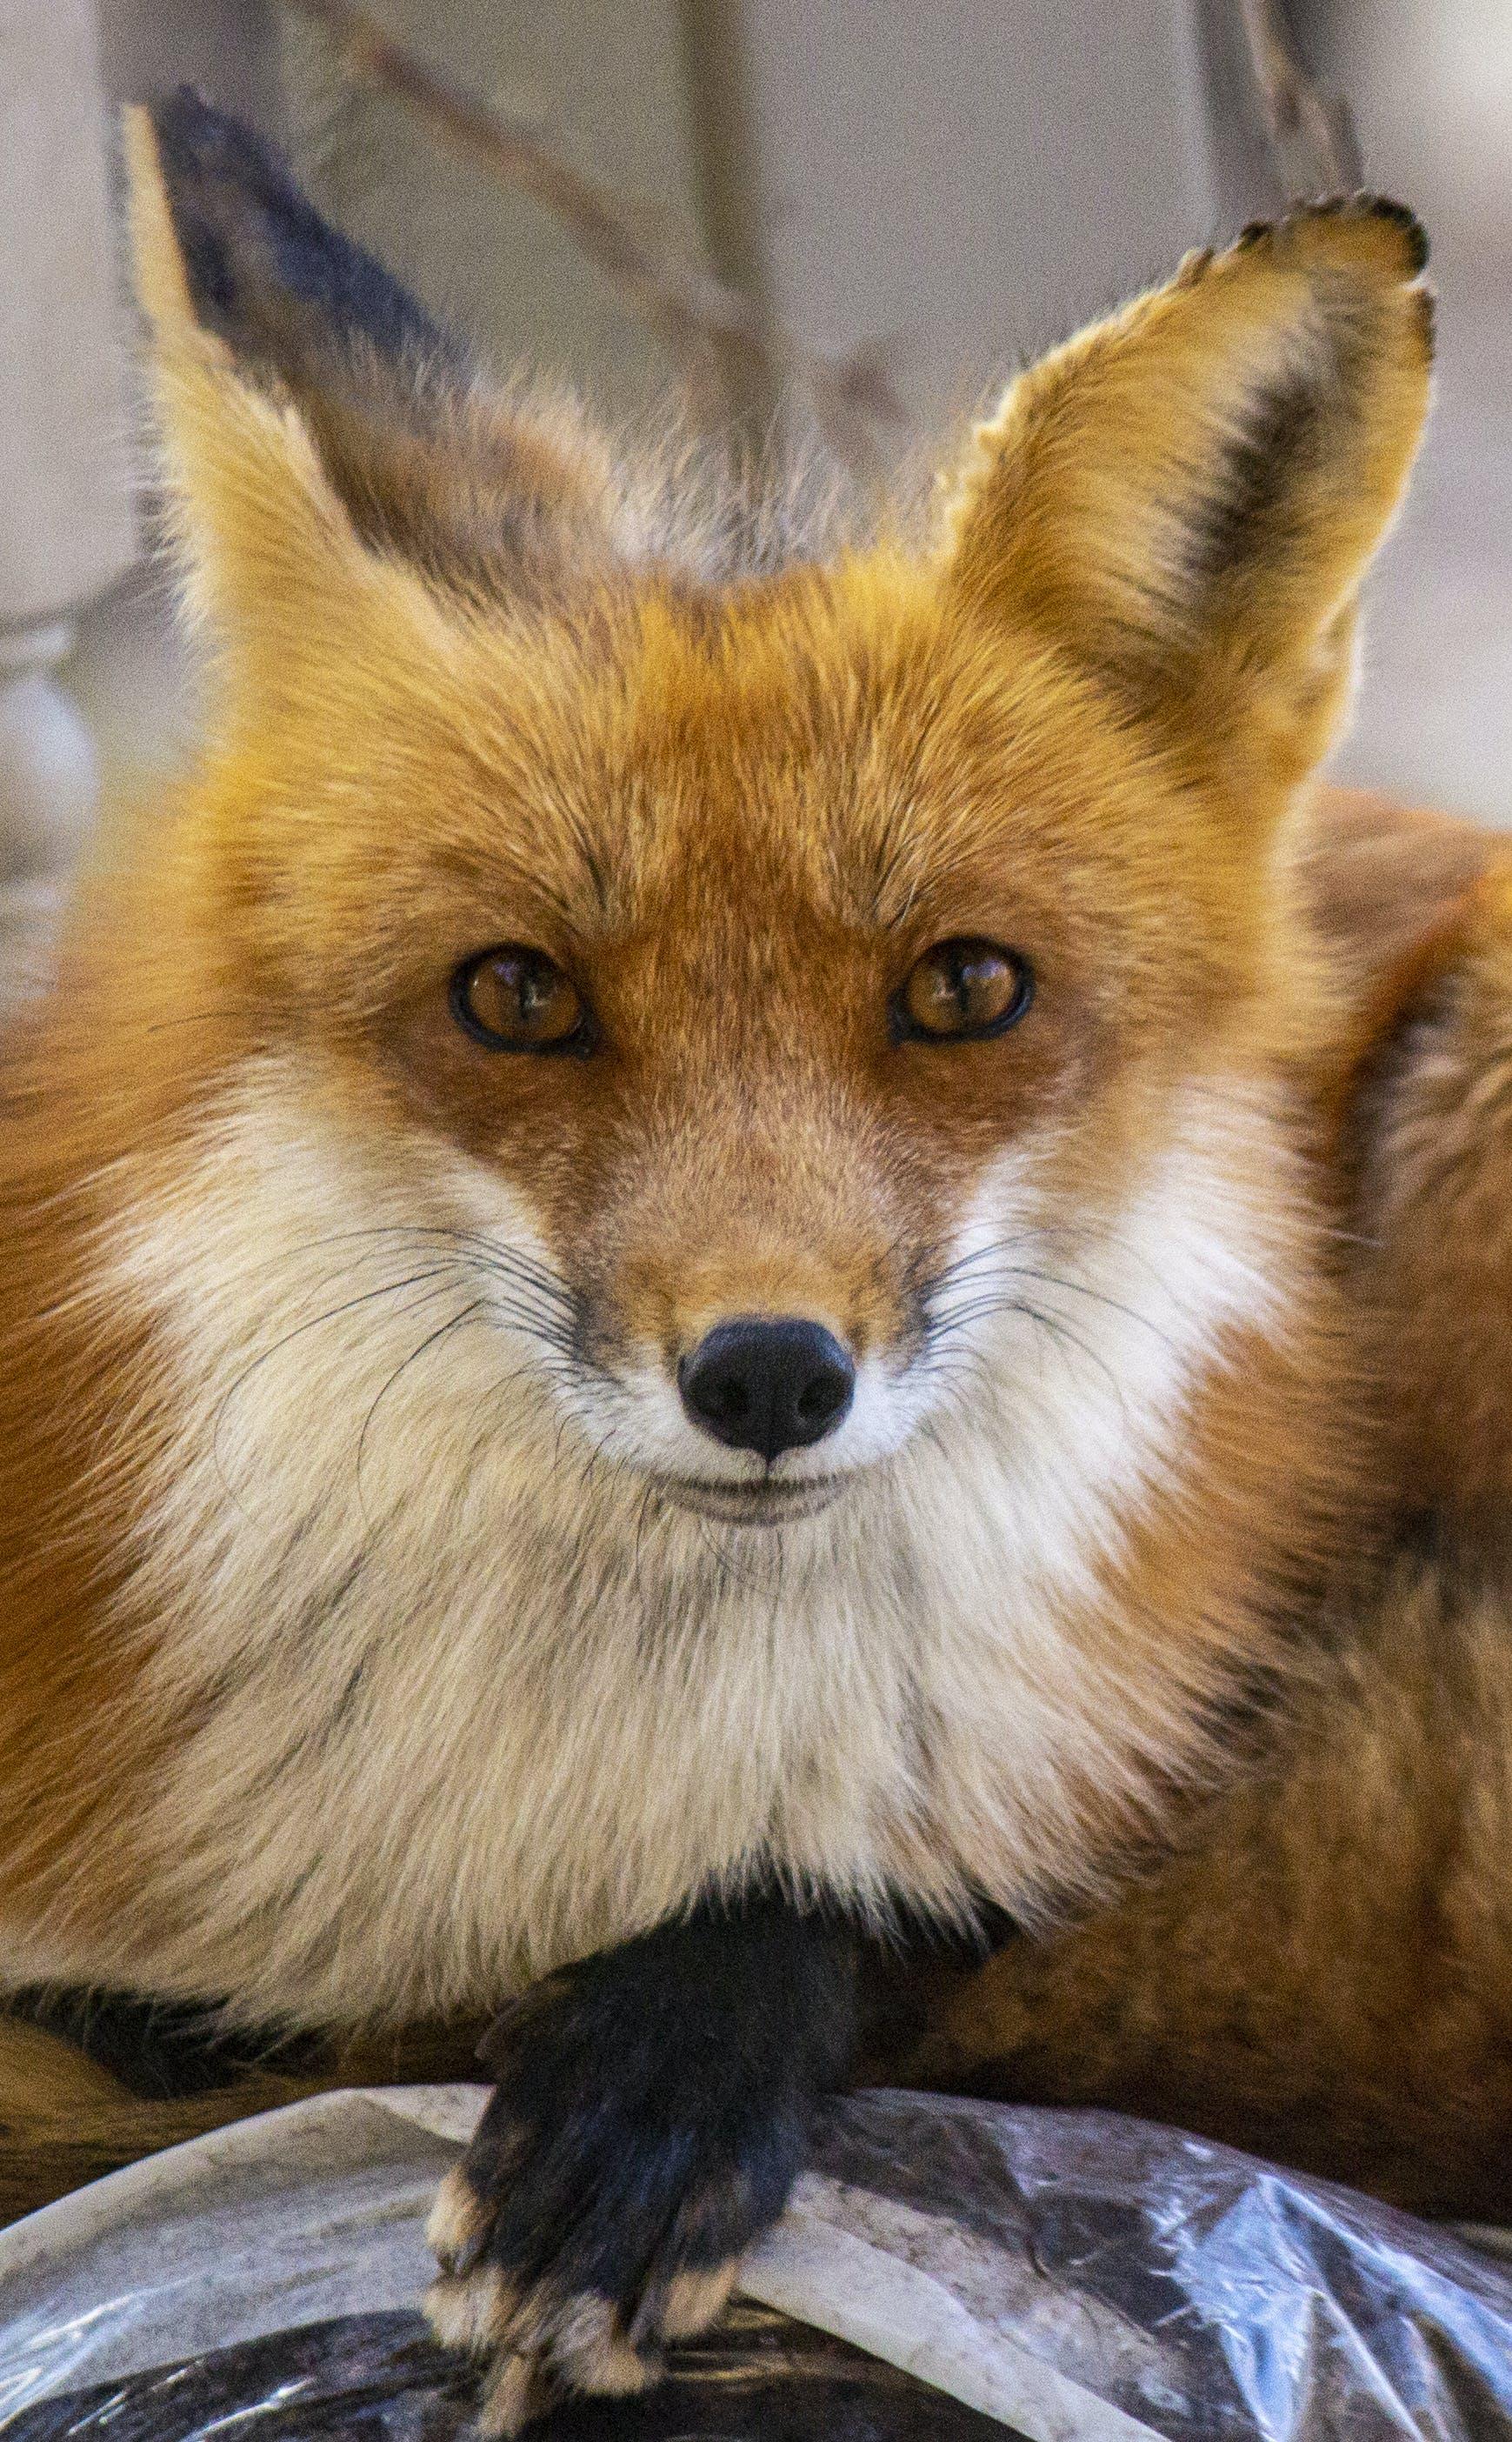 Foto profissional grátis de animais selvagens, olhos foxy, raposa-vermelha, retrato animal